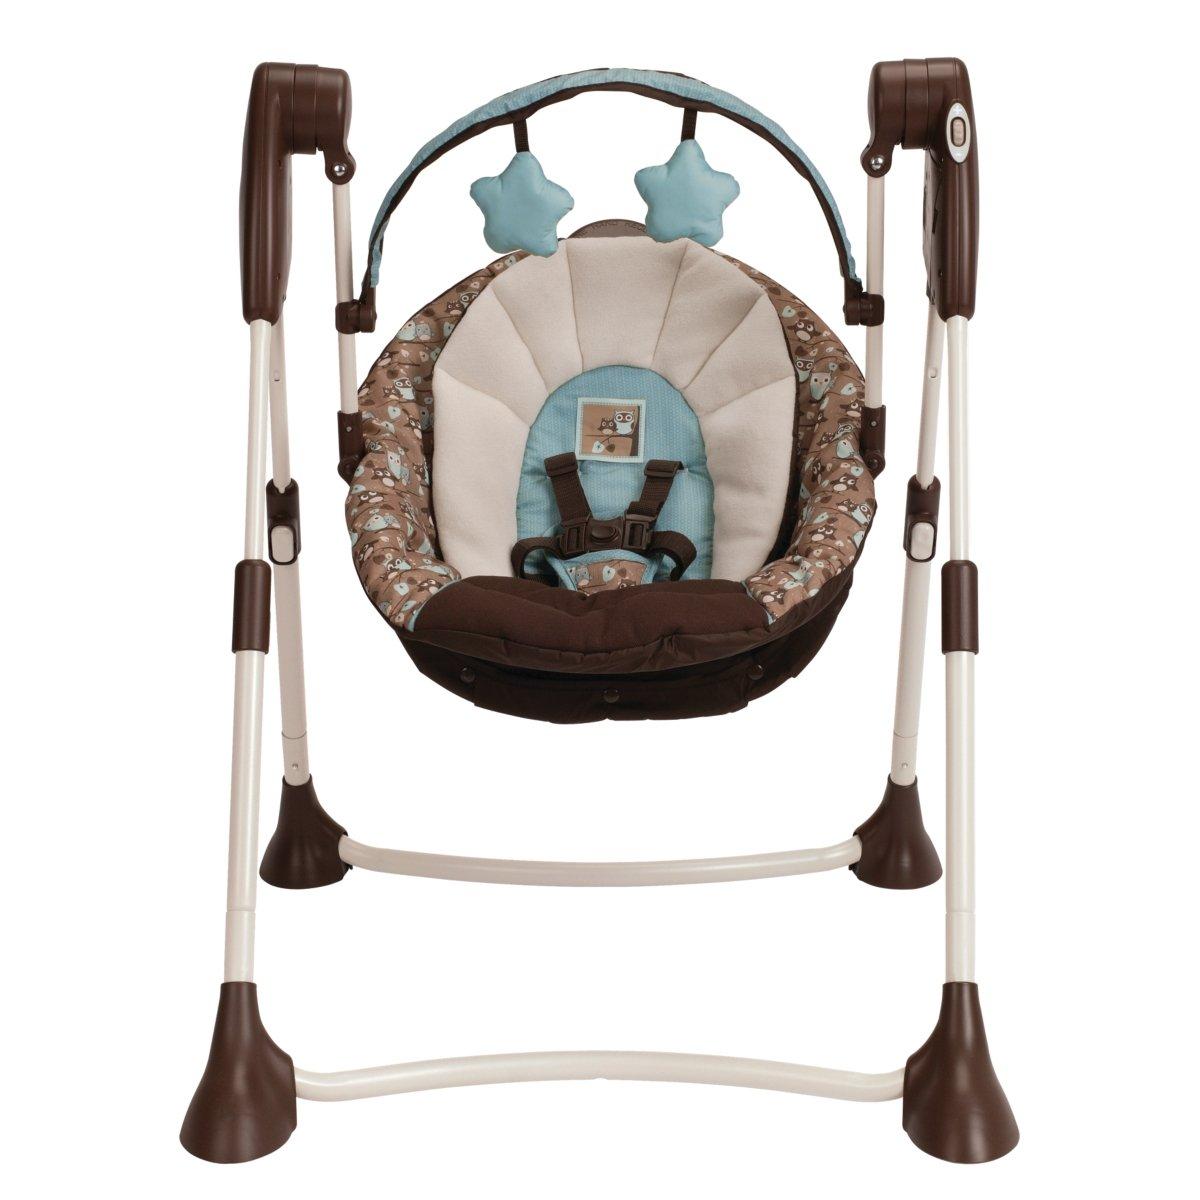 Amazon.com  Graco Swing By Me Portable 2-in-1 Swing Little Hoot  Stationary Baby Swings  Baby  sc 1 st  Amazon.com & Amazon.com : Graco Swing By Me Portable 2-in-1 Swing Little Hoot ... islam-shia.org